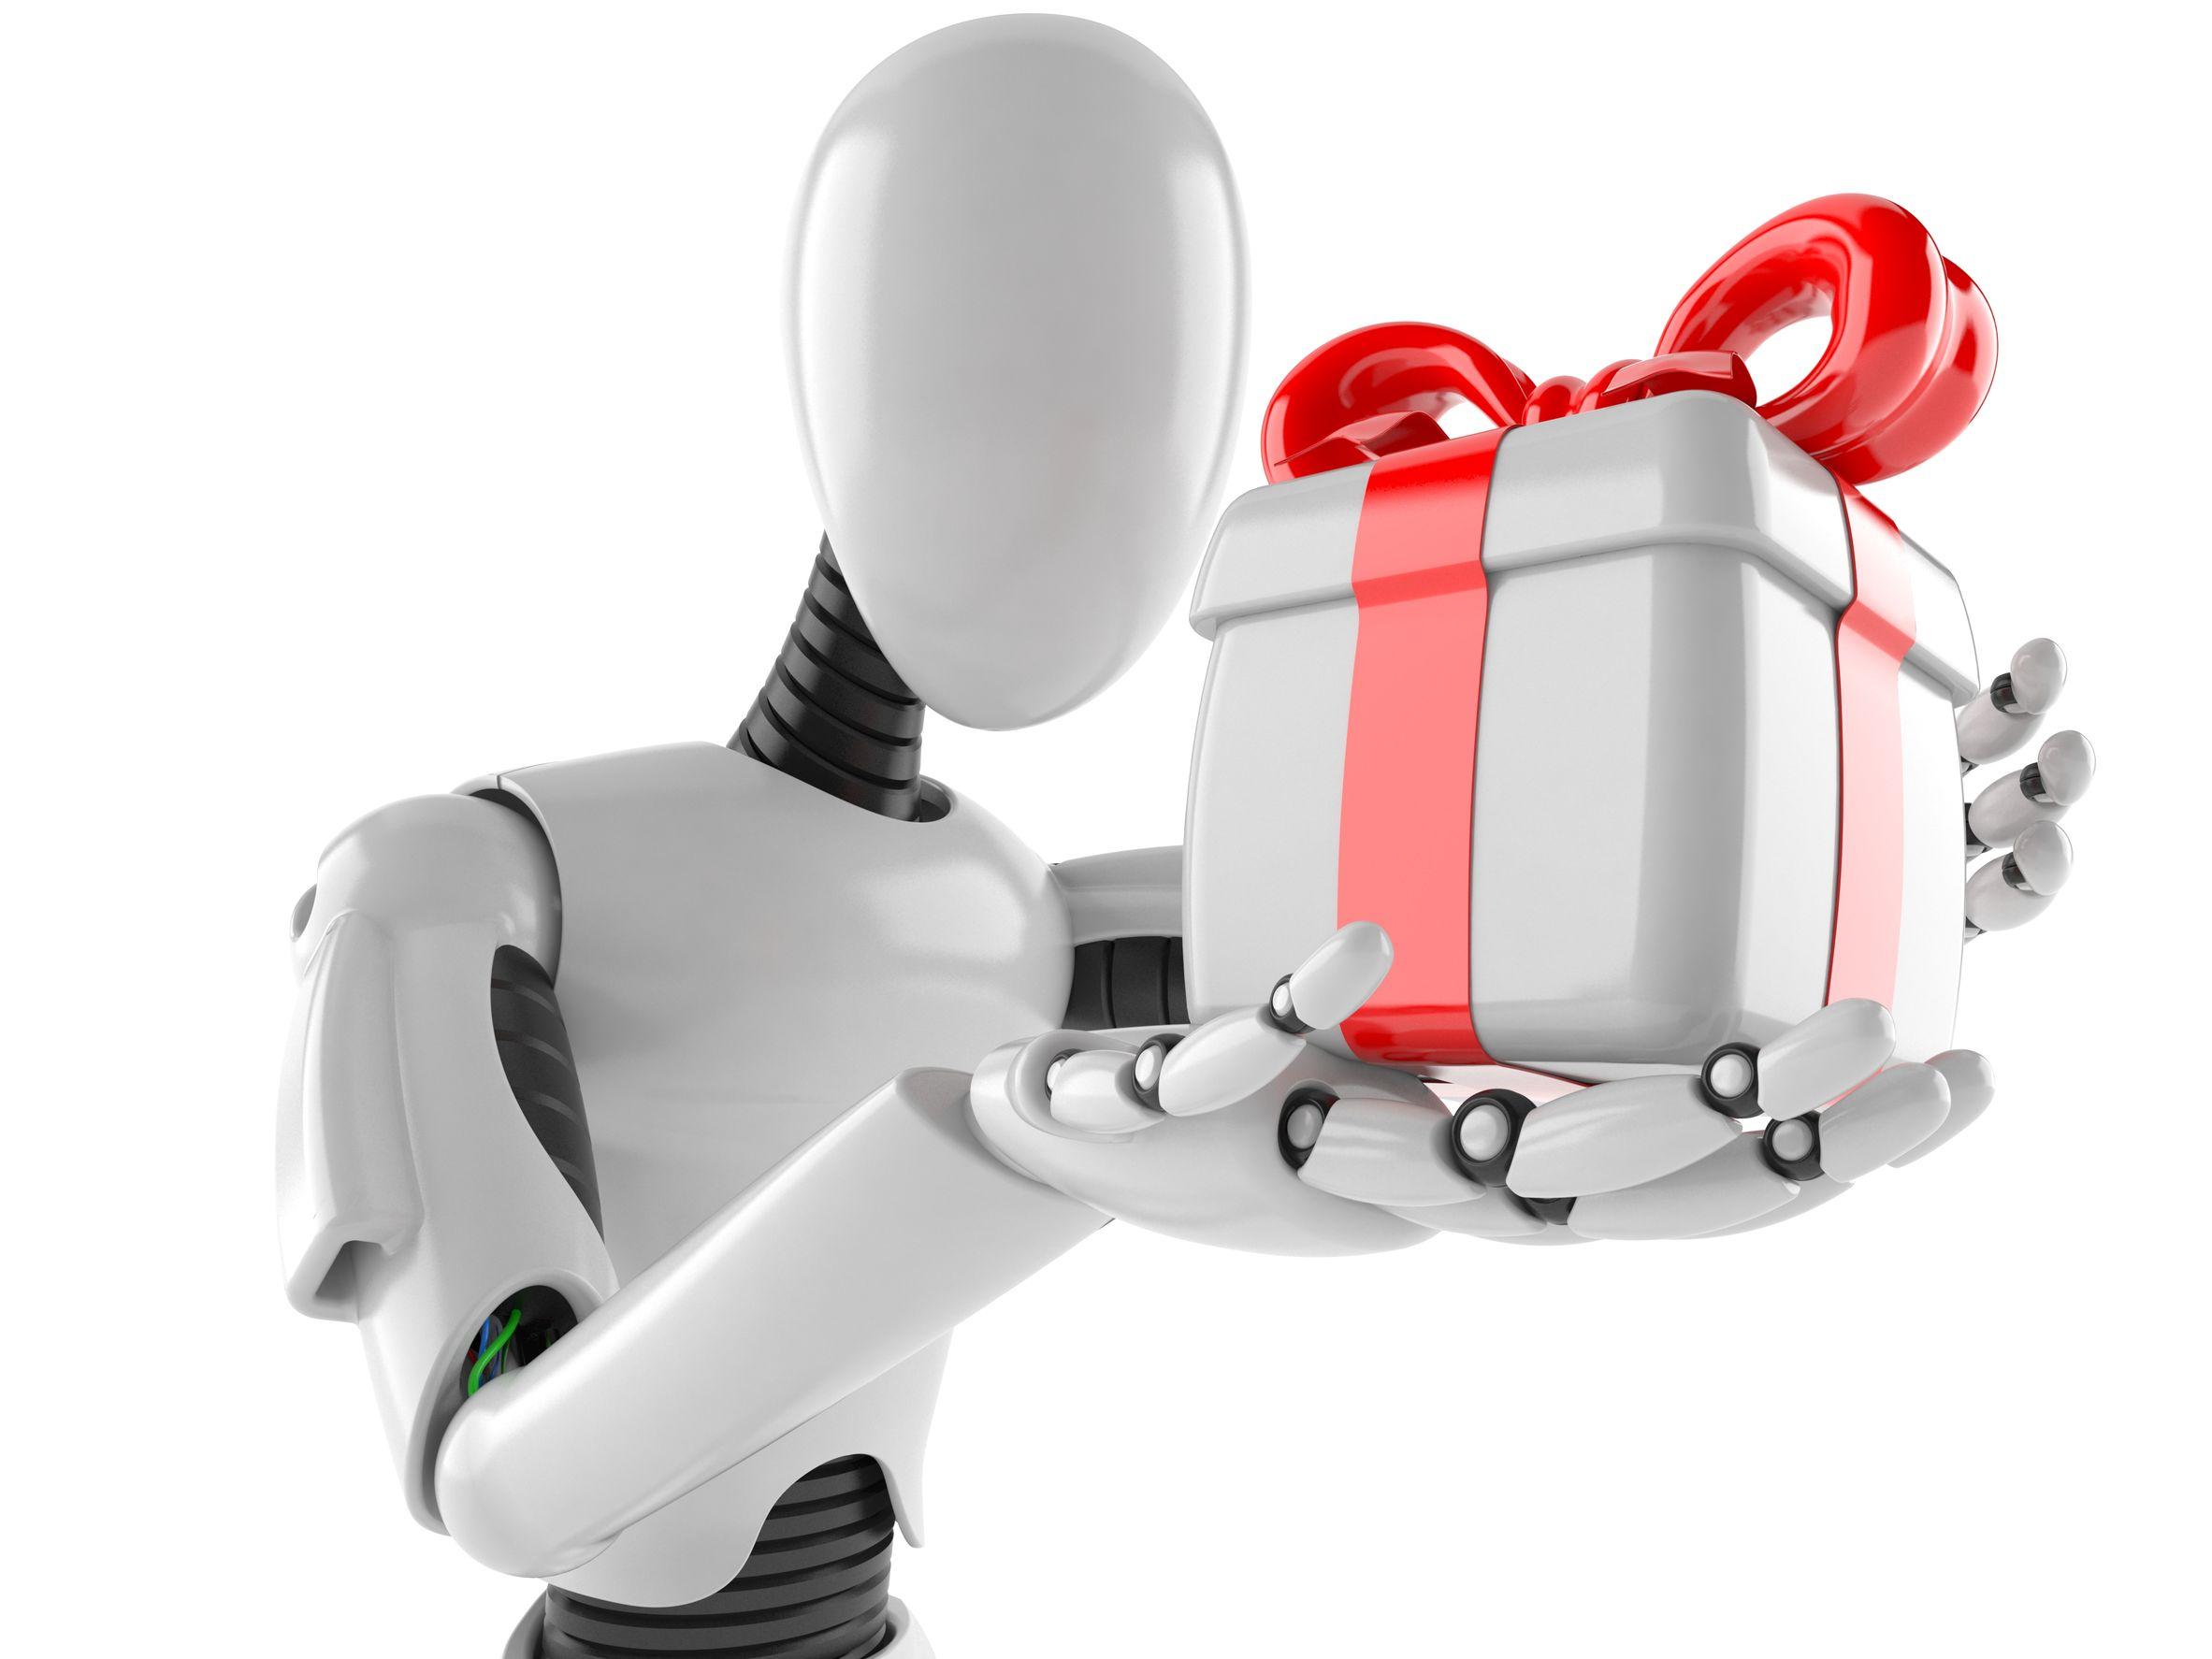 [22 Δεκεμβρίου] Γνωριμία με την εκπαίδευση STEM και τη ρομποτική